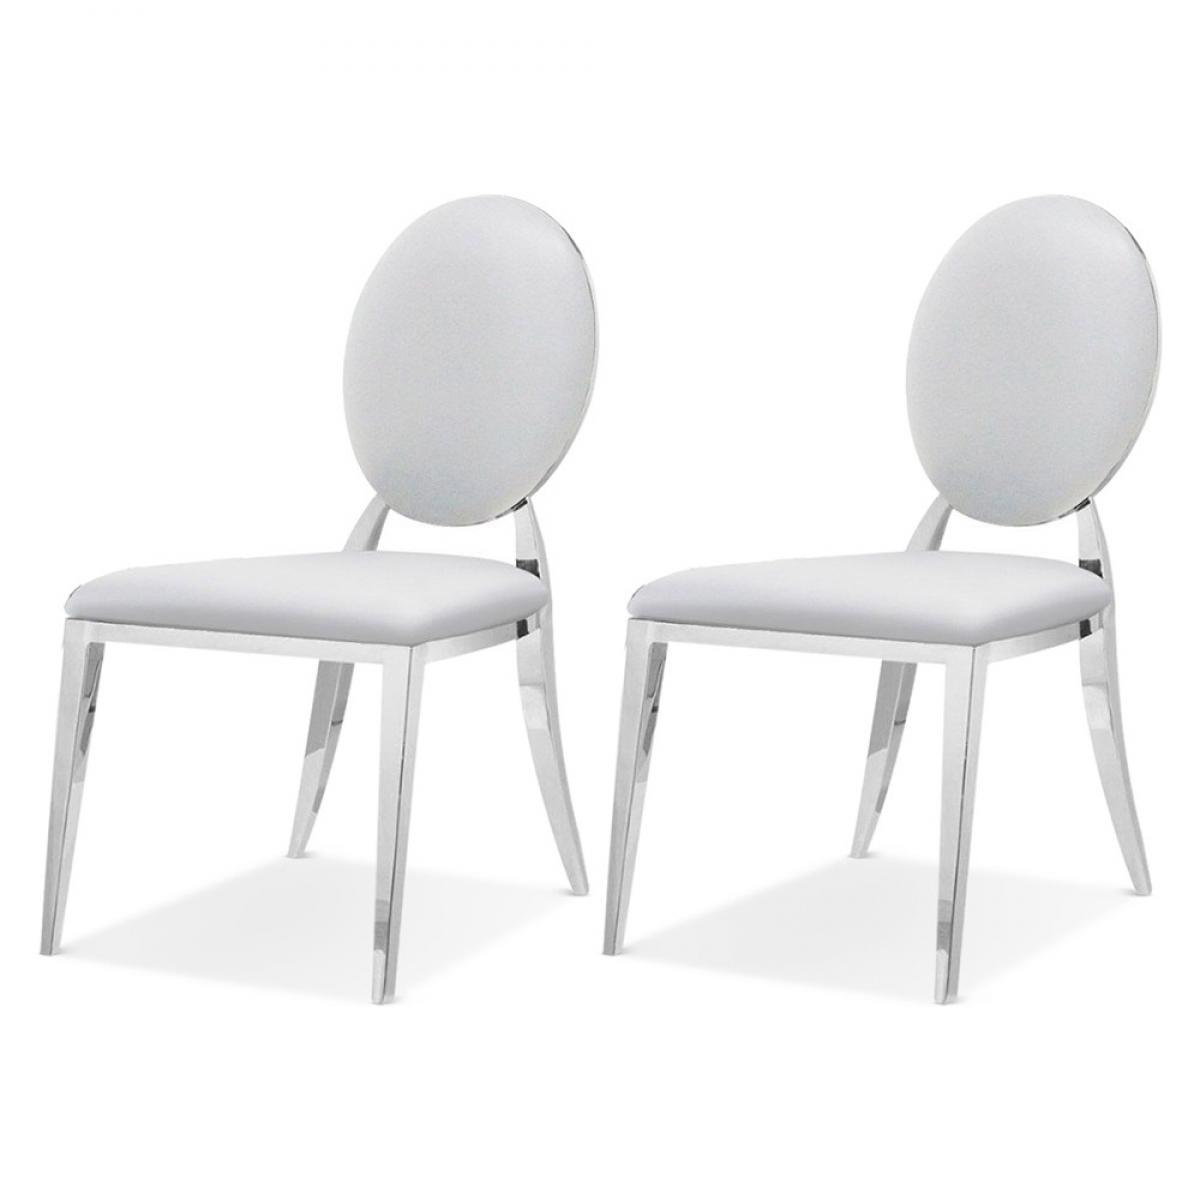 Meubler Design Lot De 2 Chaises Médaillon Pied Acier ERA - PU Blanc